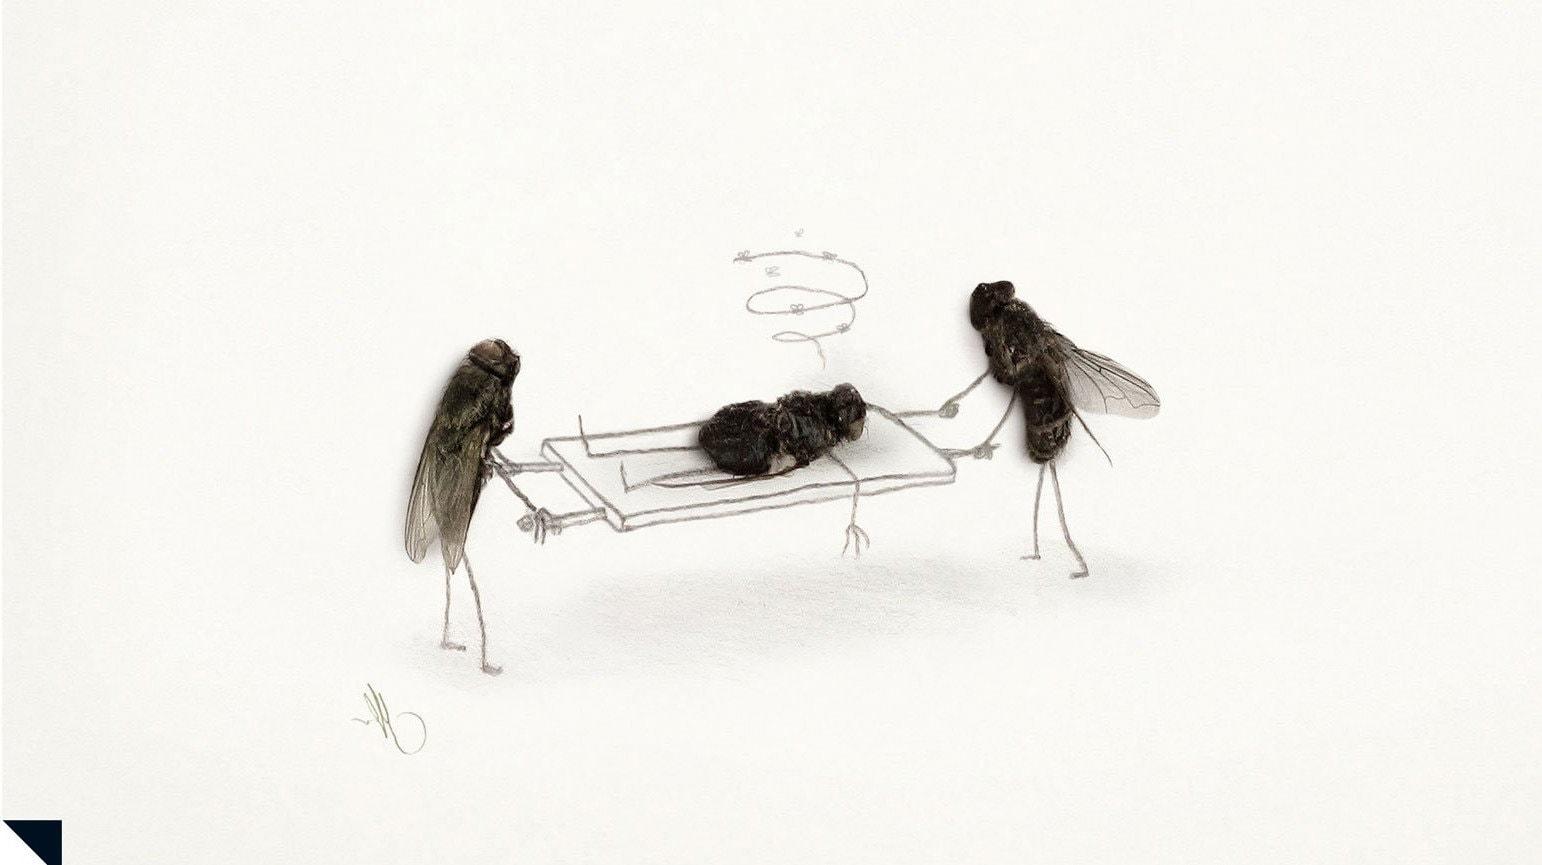 Картинка мухи прикольное, открытка марта